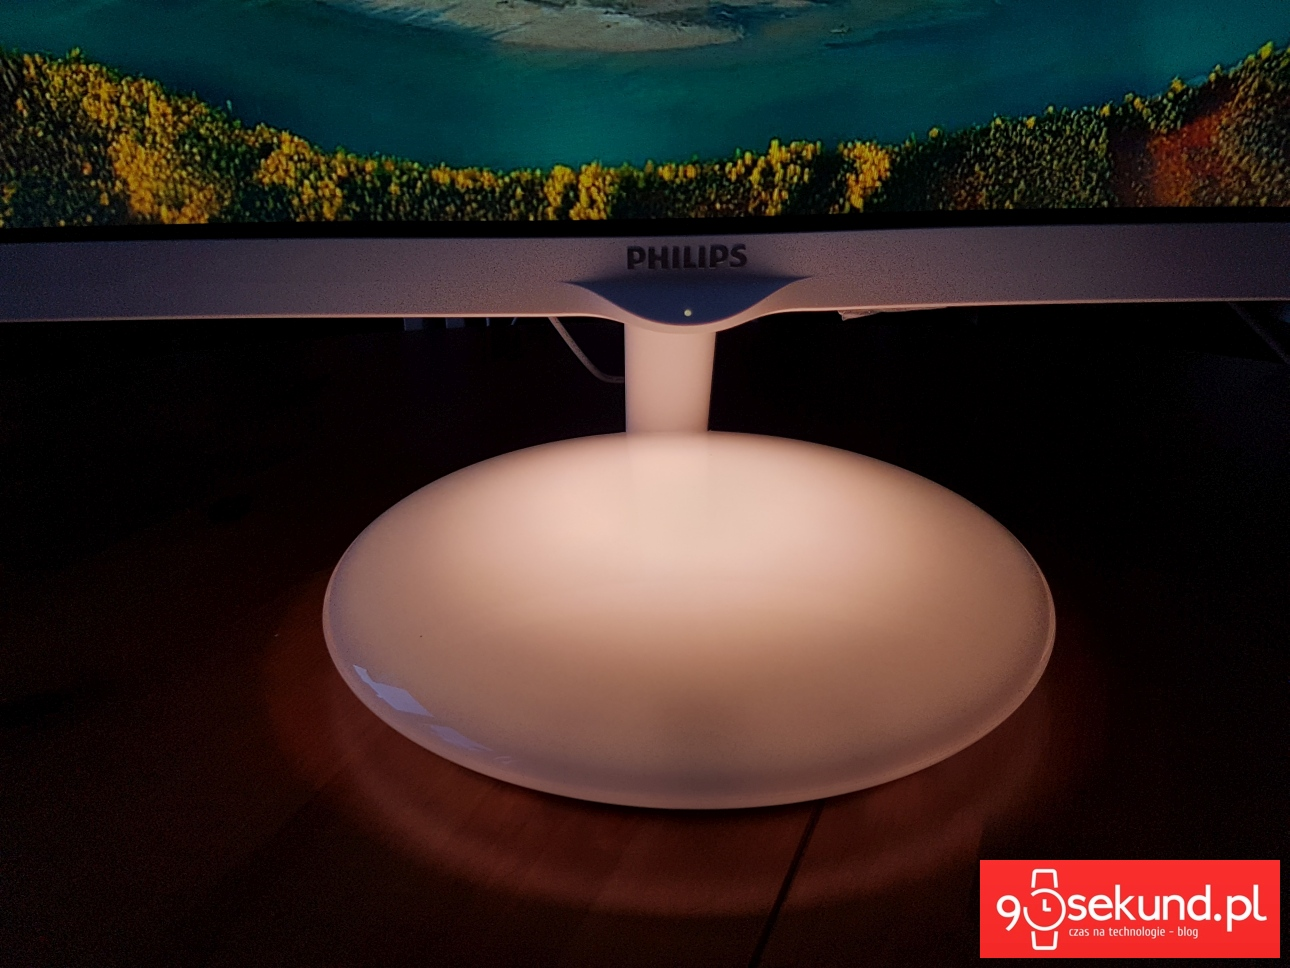 Monitor Philips Moda 275C Ambiglow Plus - świecąca podstawa - recenzja 90sekund.pl